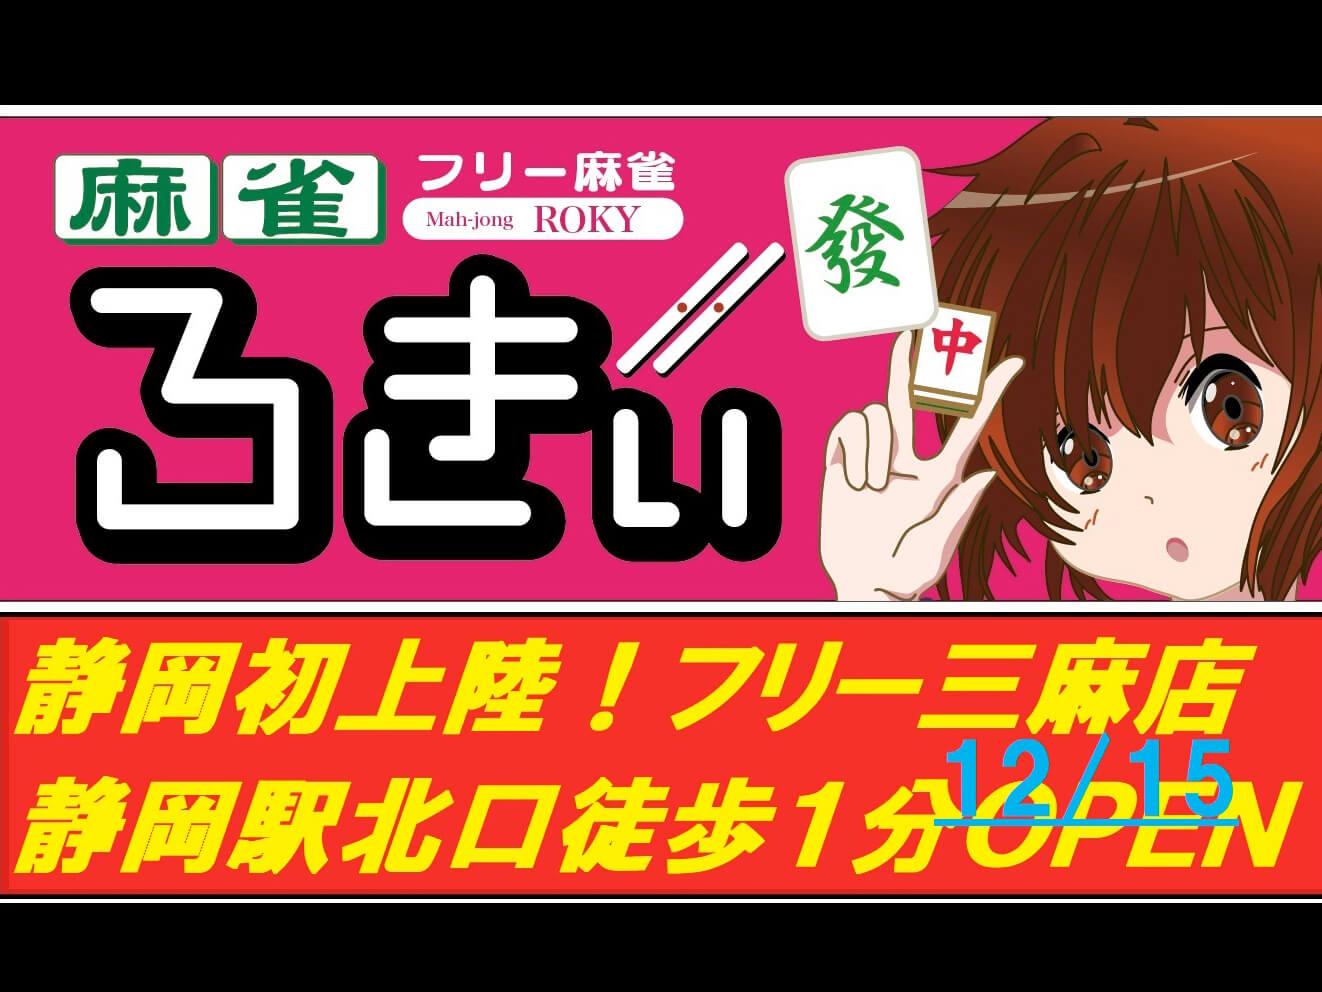 雀荘 ろきぃ 静岡店【新店情報】